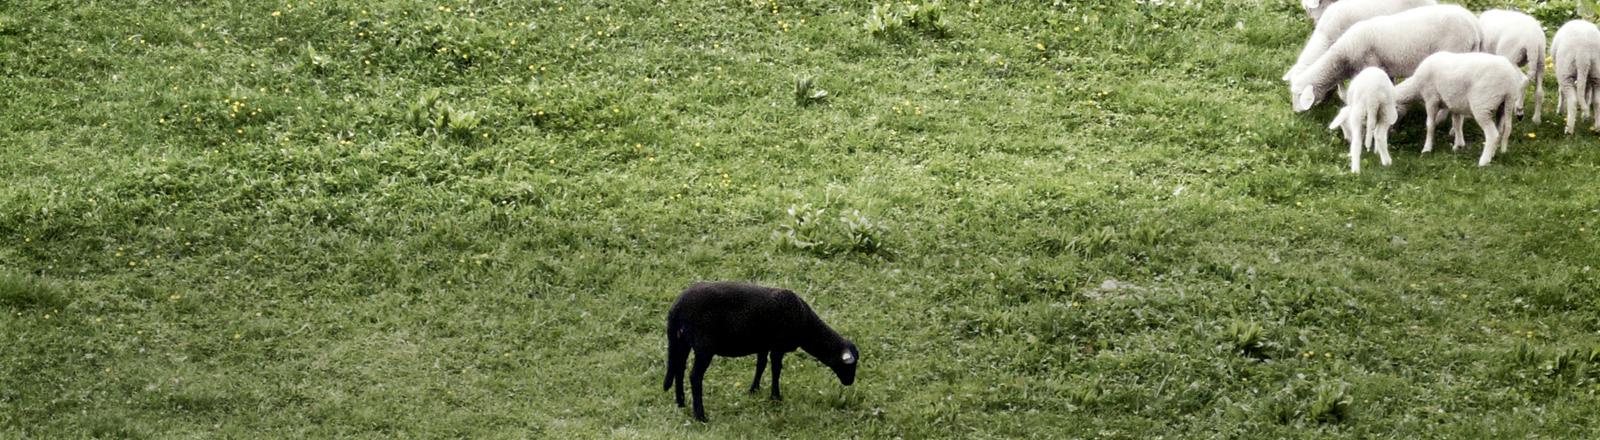 Ein schwarzes Schaf auf einer Wiese.